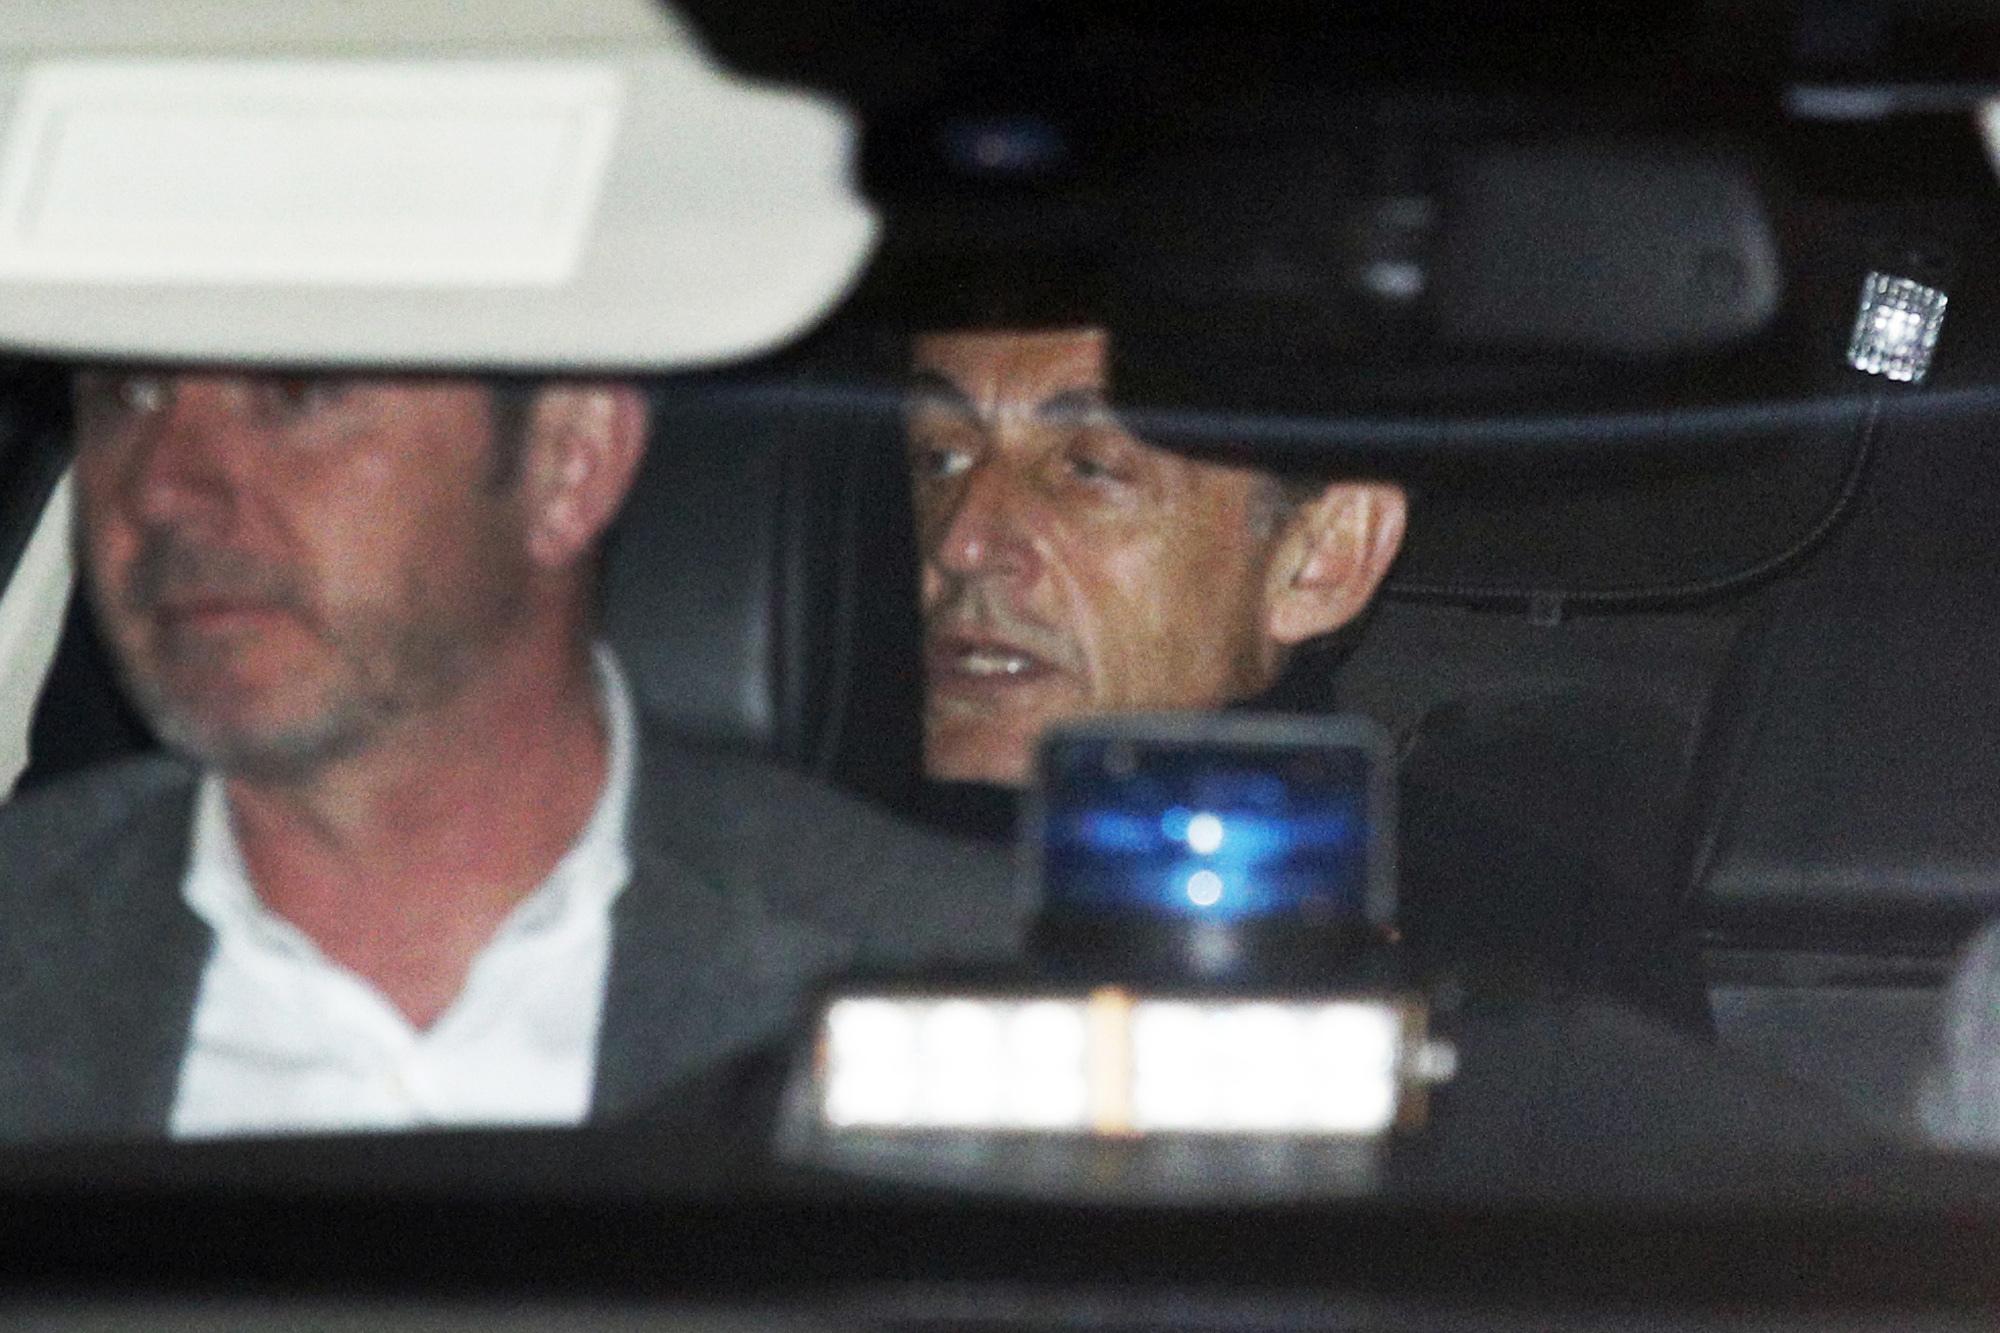 Pokollá teszi Sarkozy életét, hogy nyomoznak ellene a korrupciós ügyében :-(